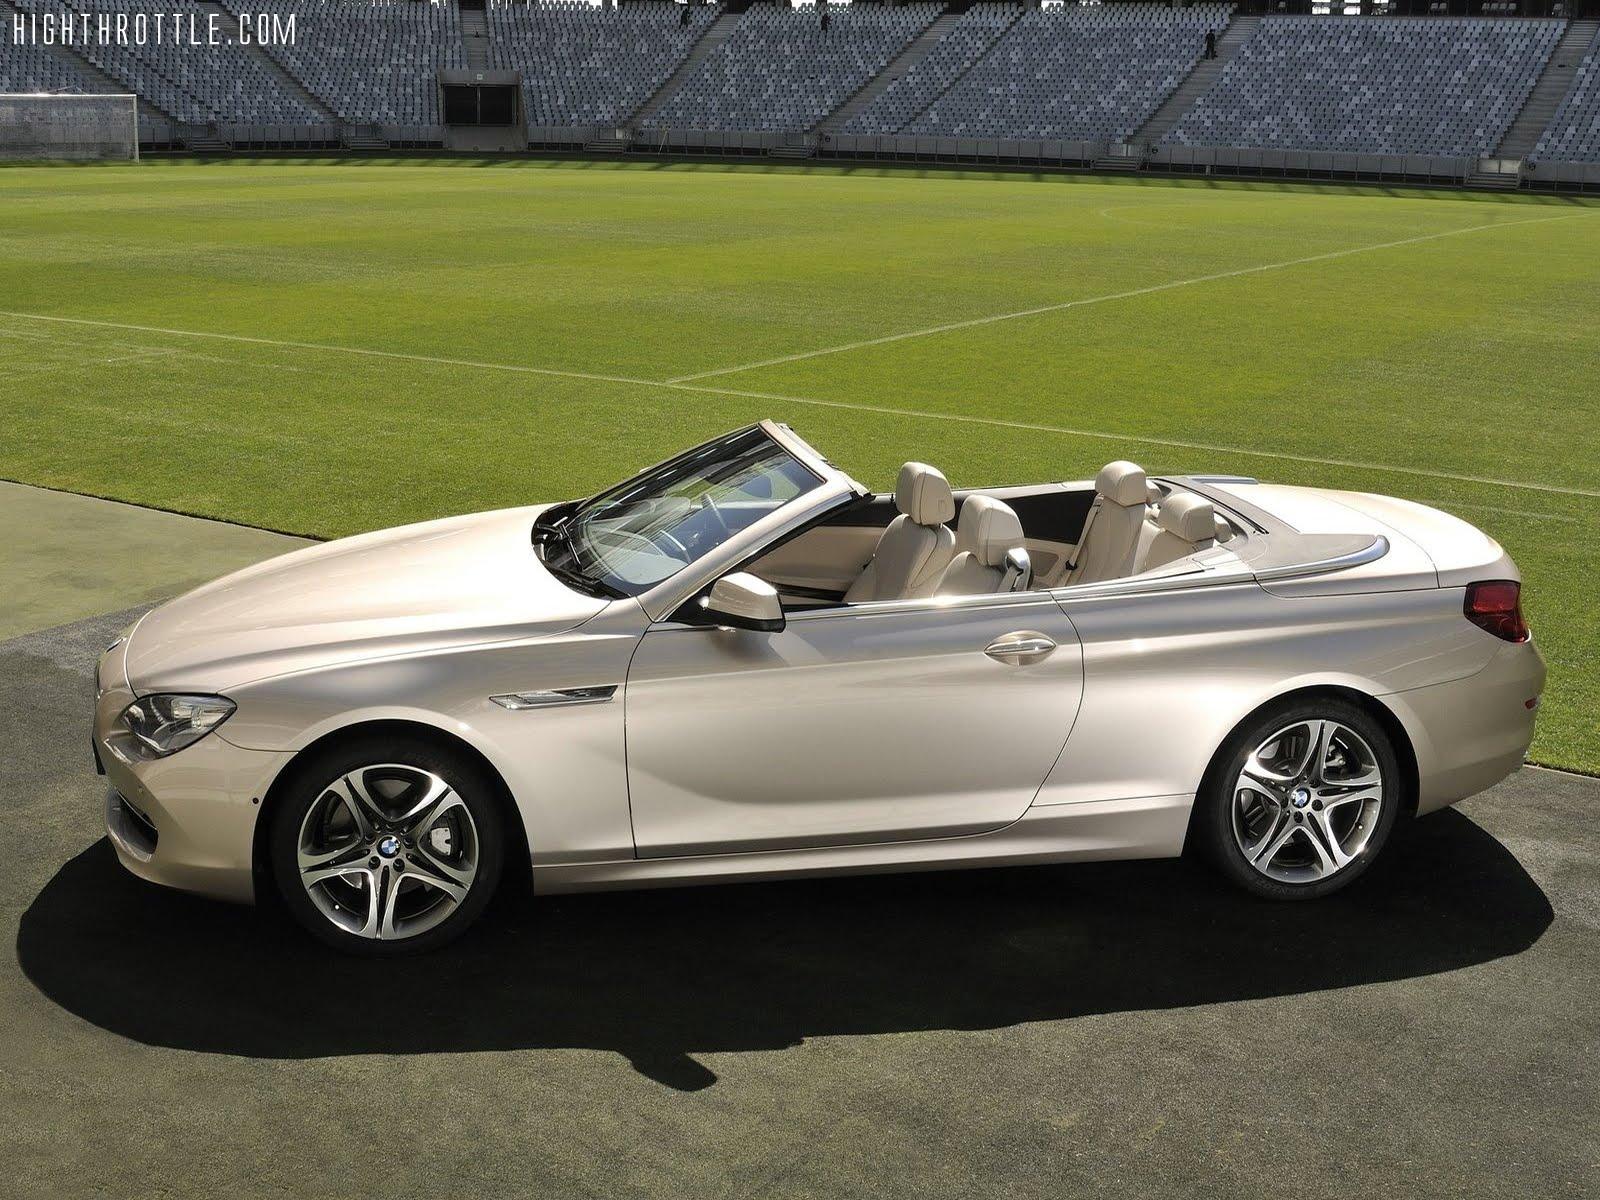 http://3.bp.blogspot.com/_2WGWUztppL8/TTp5JolsCNI/AAAAAAAAEdE/JS_m55xfD_k/s1600/BMW-6-Series_Convertible_2012_1600x1200_wallpaper_2c.jpg